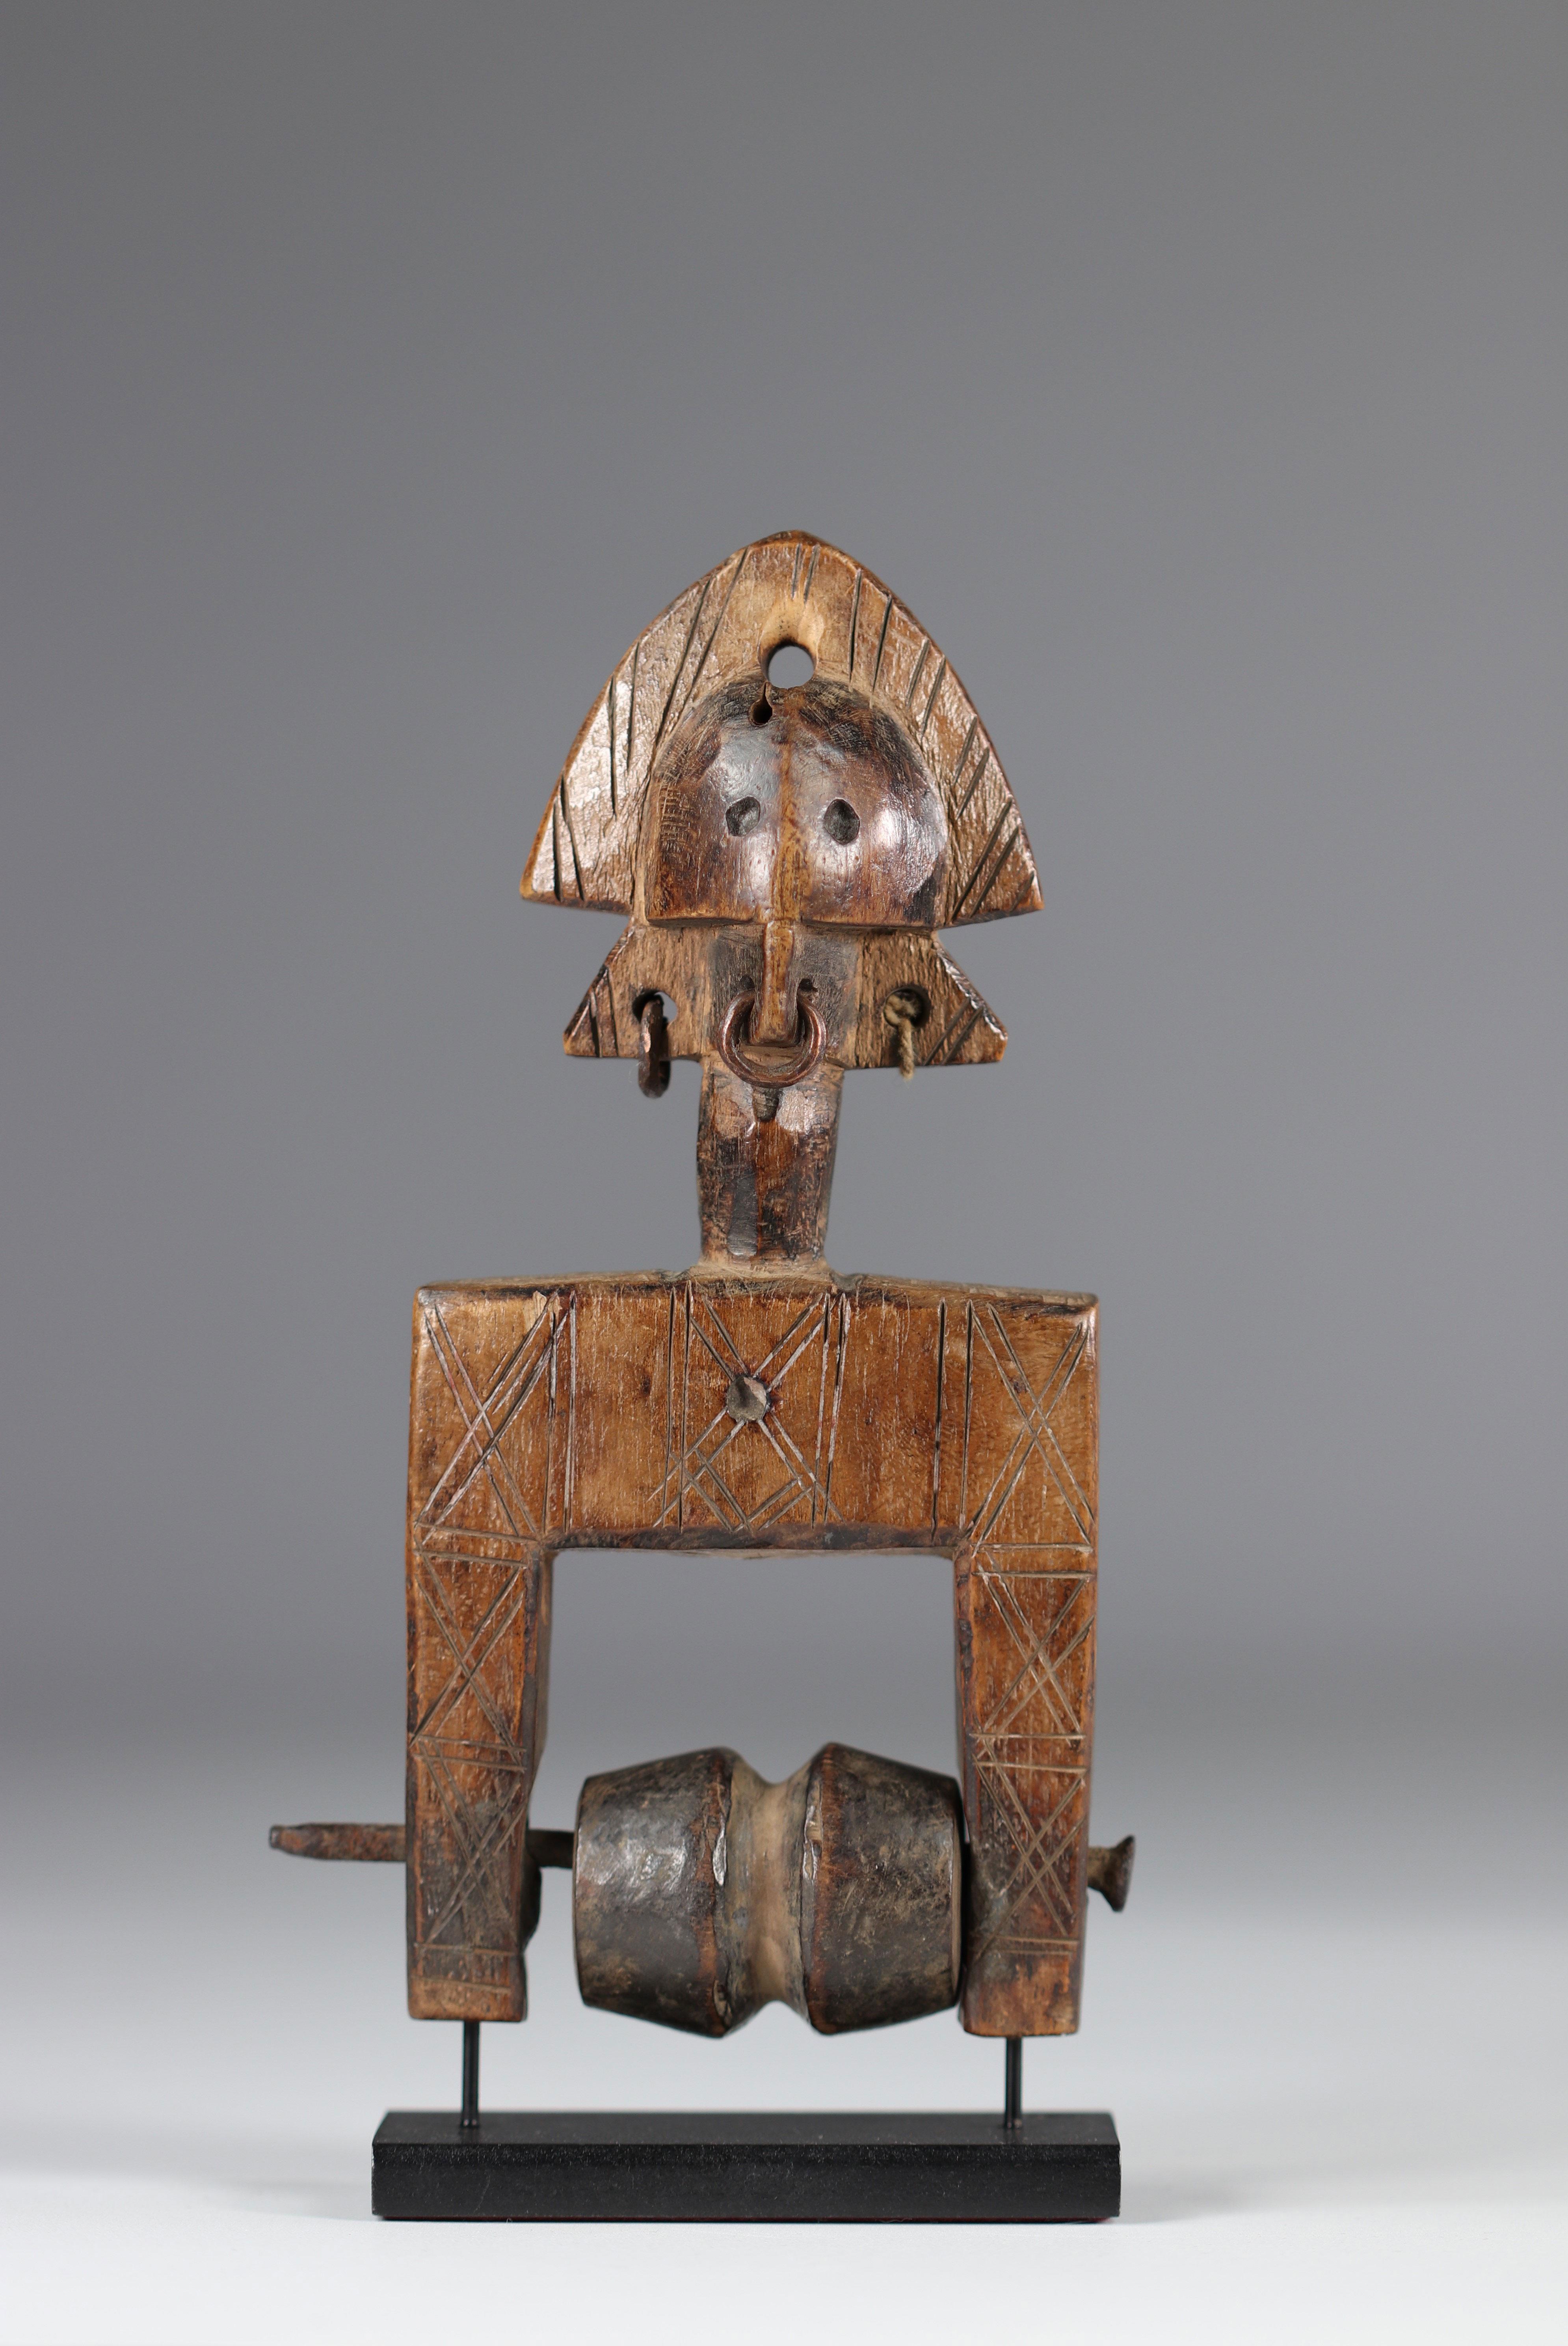 Bamana Ivory Coast mid 20th century pulley